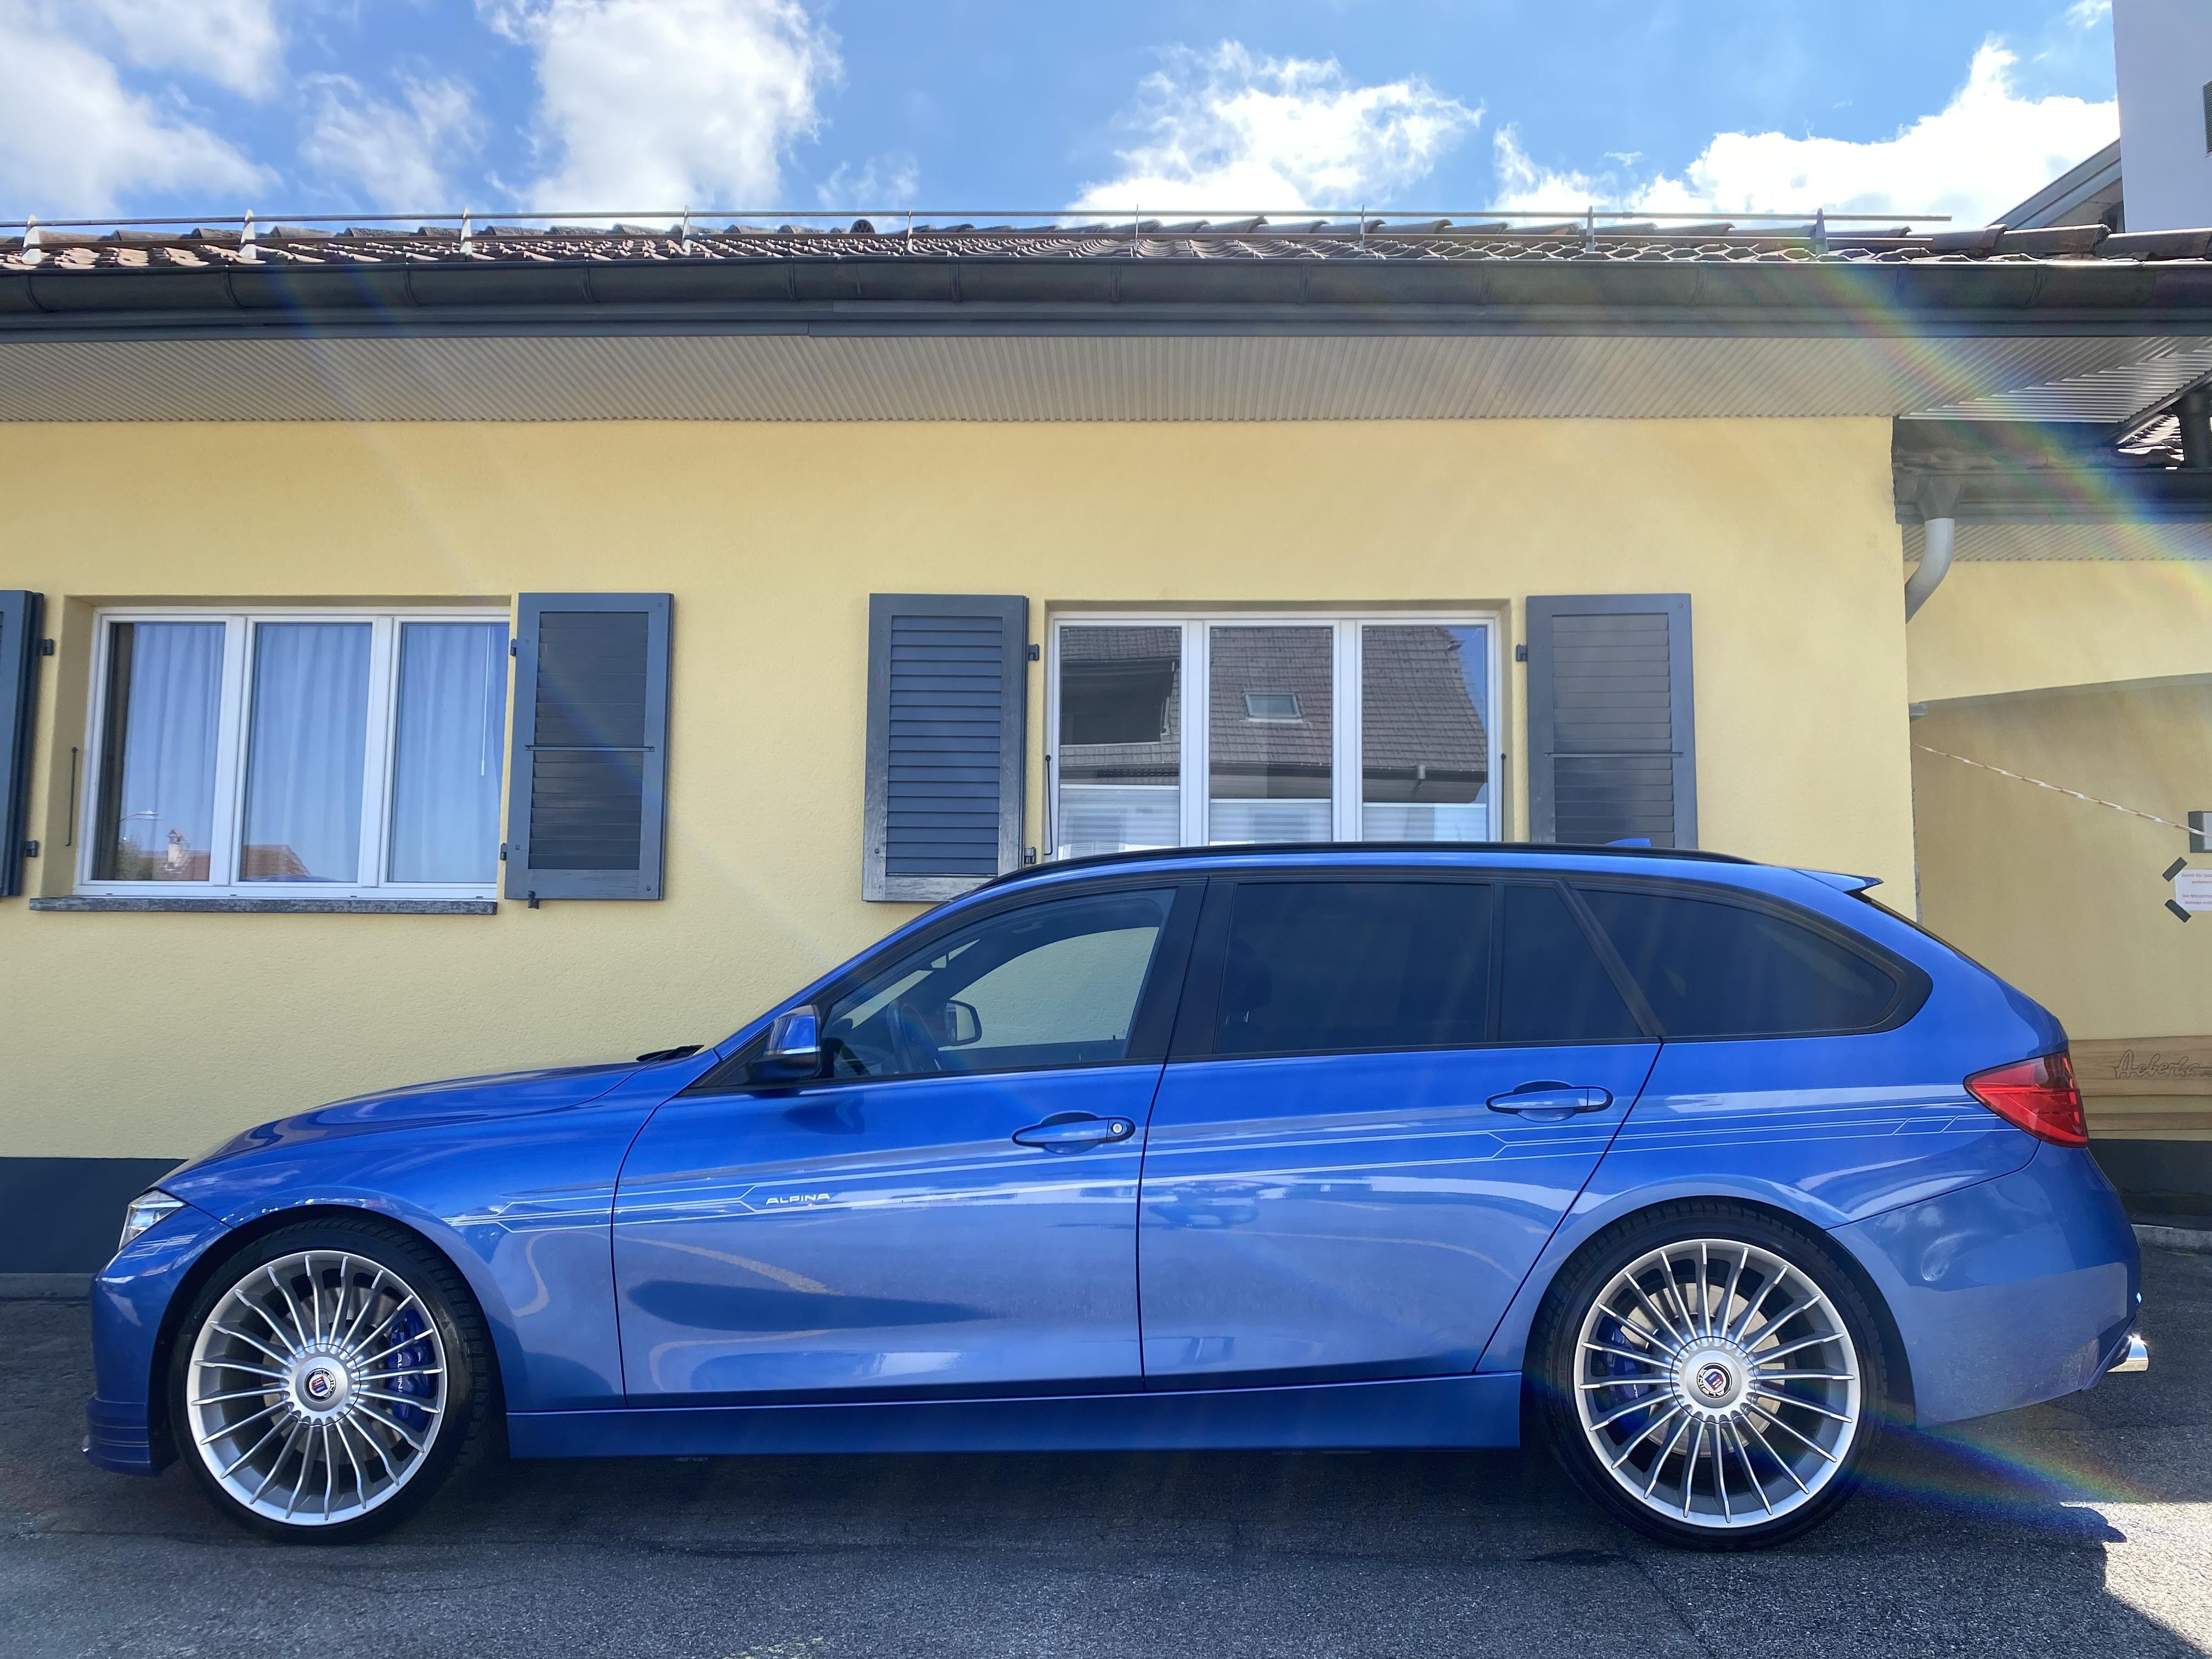 Gebraucht Kombi Bmw Alpina B3 D3 B3 Touring 3 0 Biturbo 4x4 77500 Km Für 44800 Chf Kaufen Auf Carforyou Ch